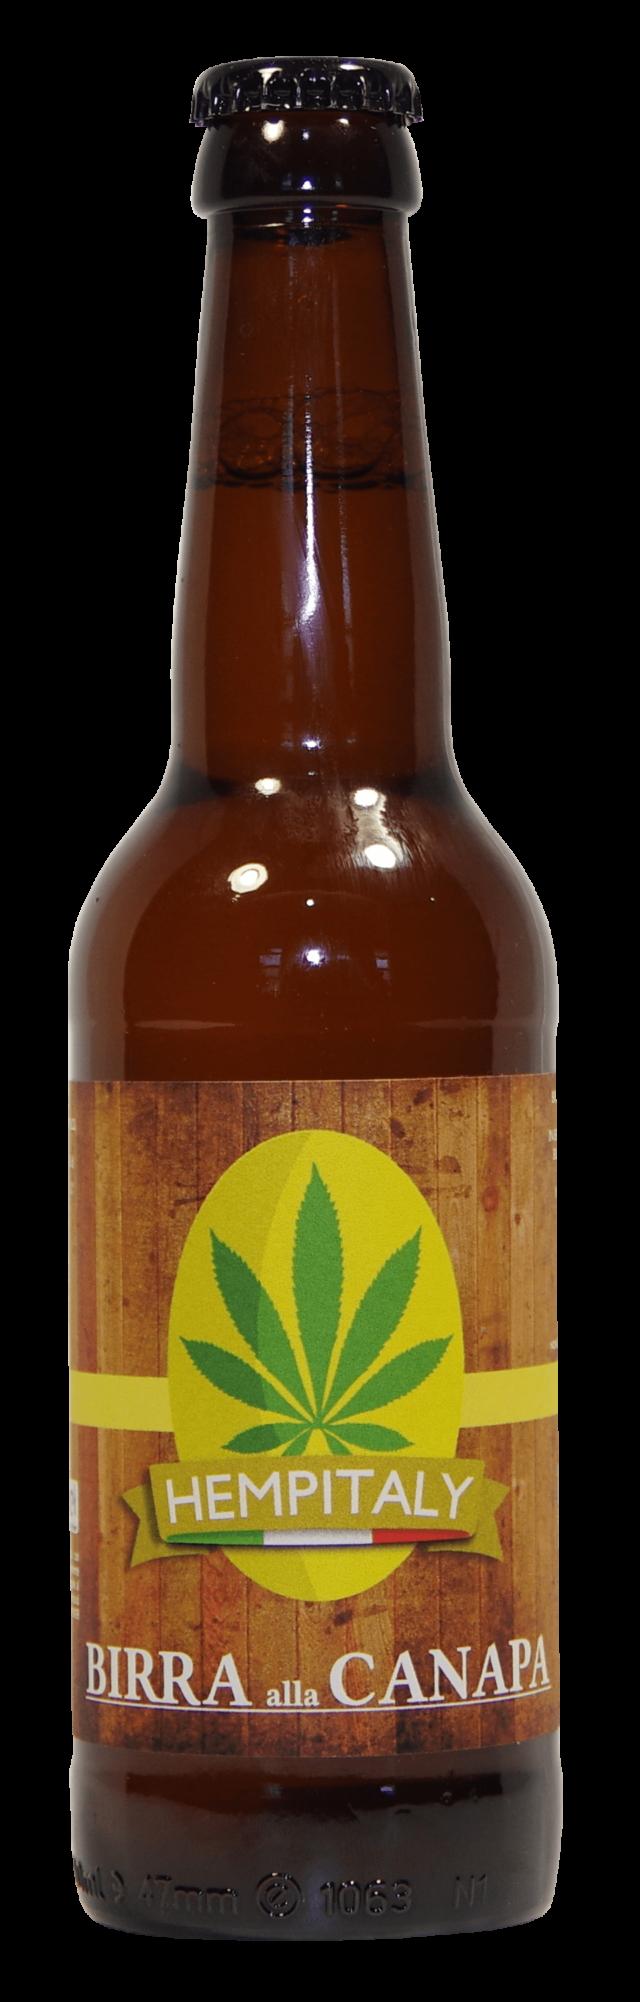 HempItaly birra alla canapa toscana